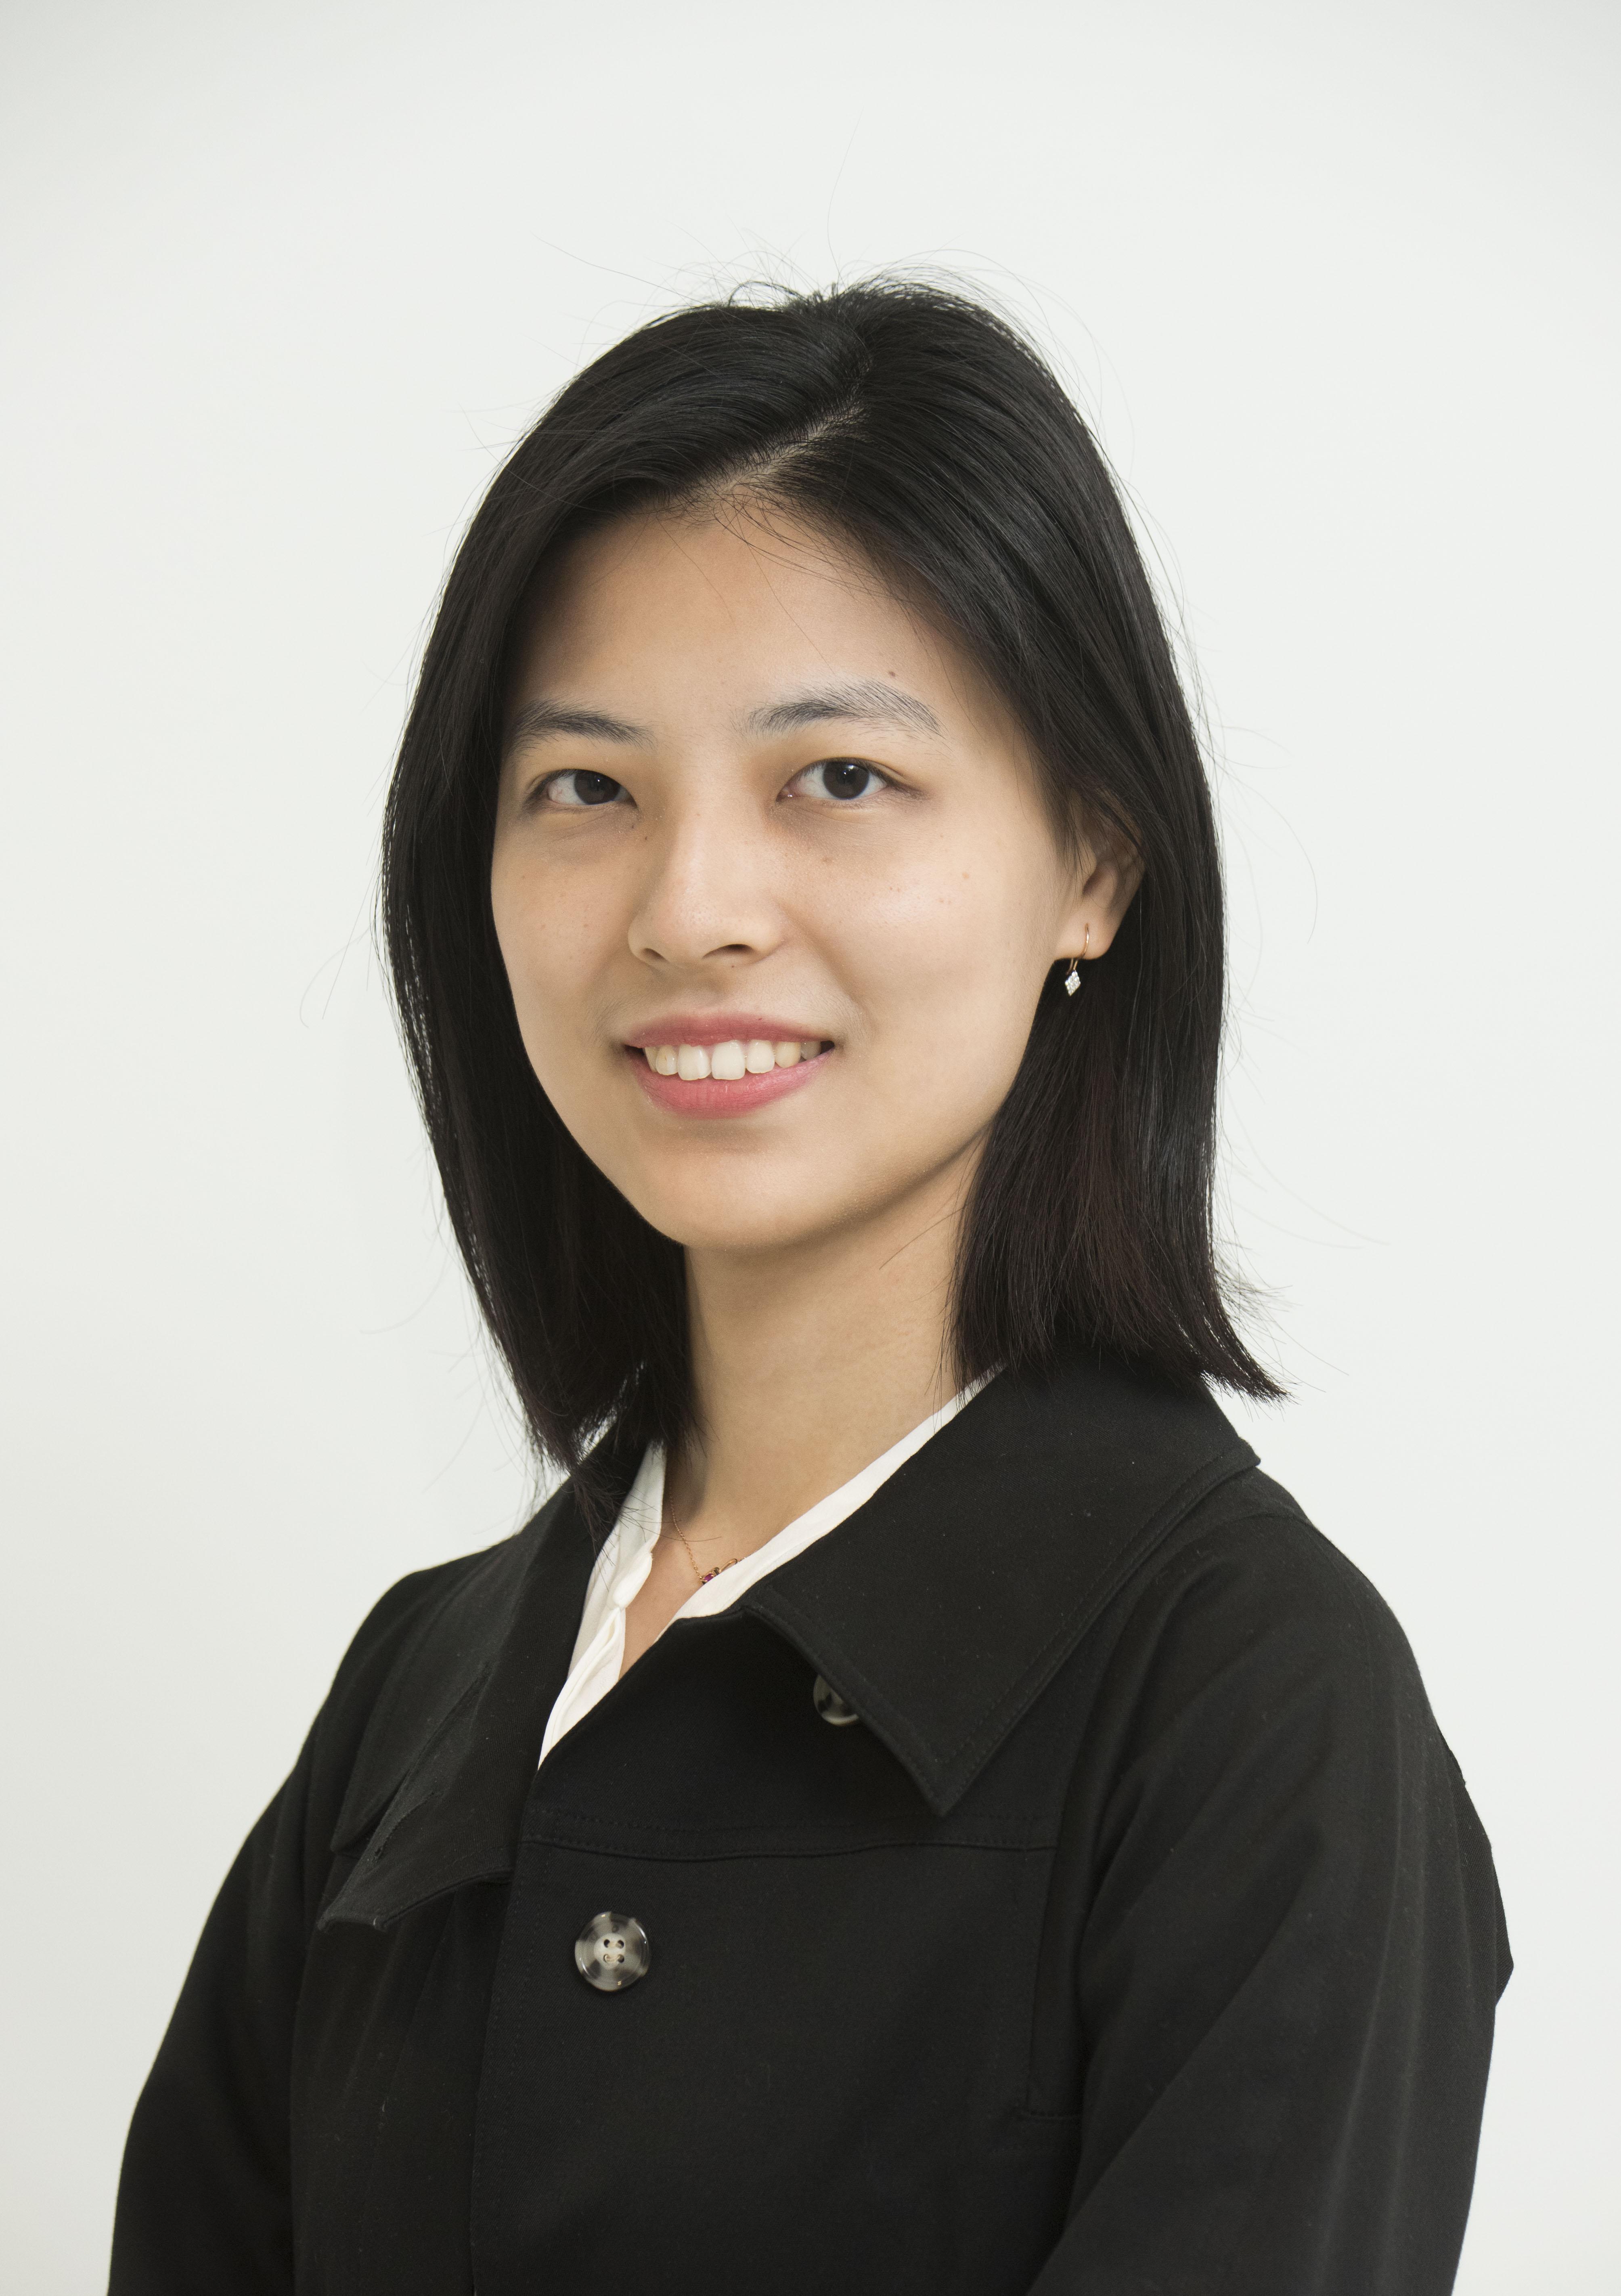 Headshot of Xiao (Robin) Jing